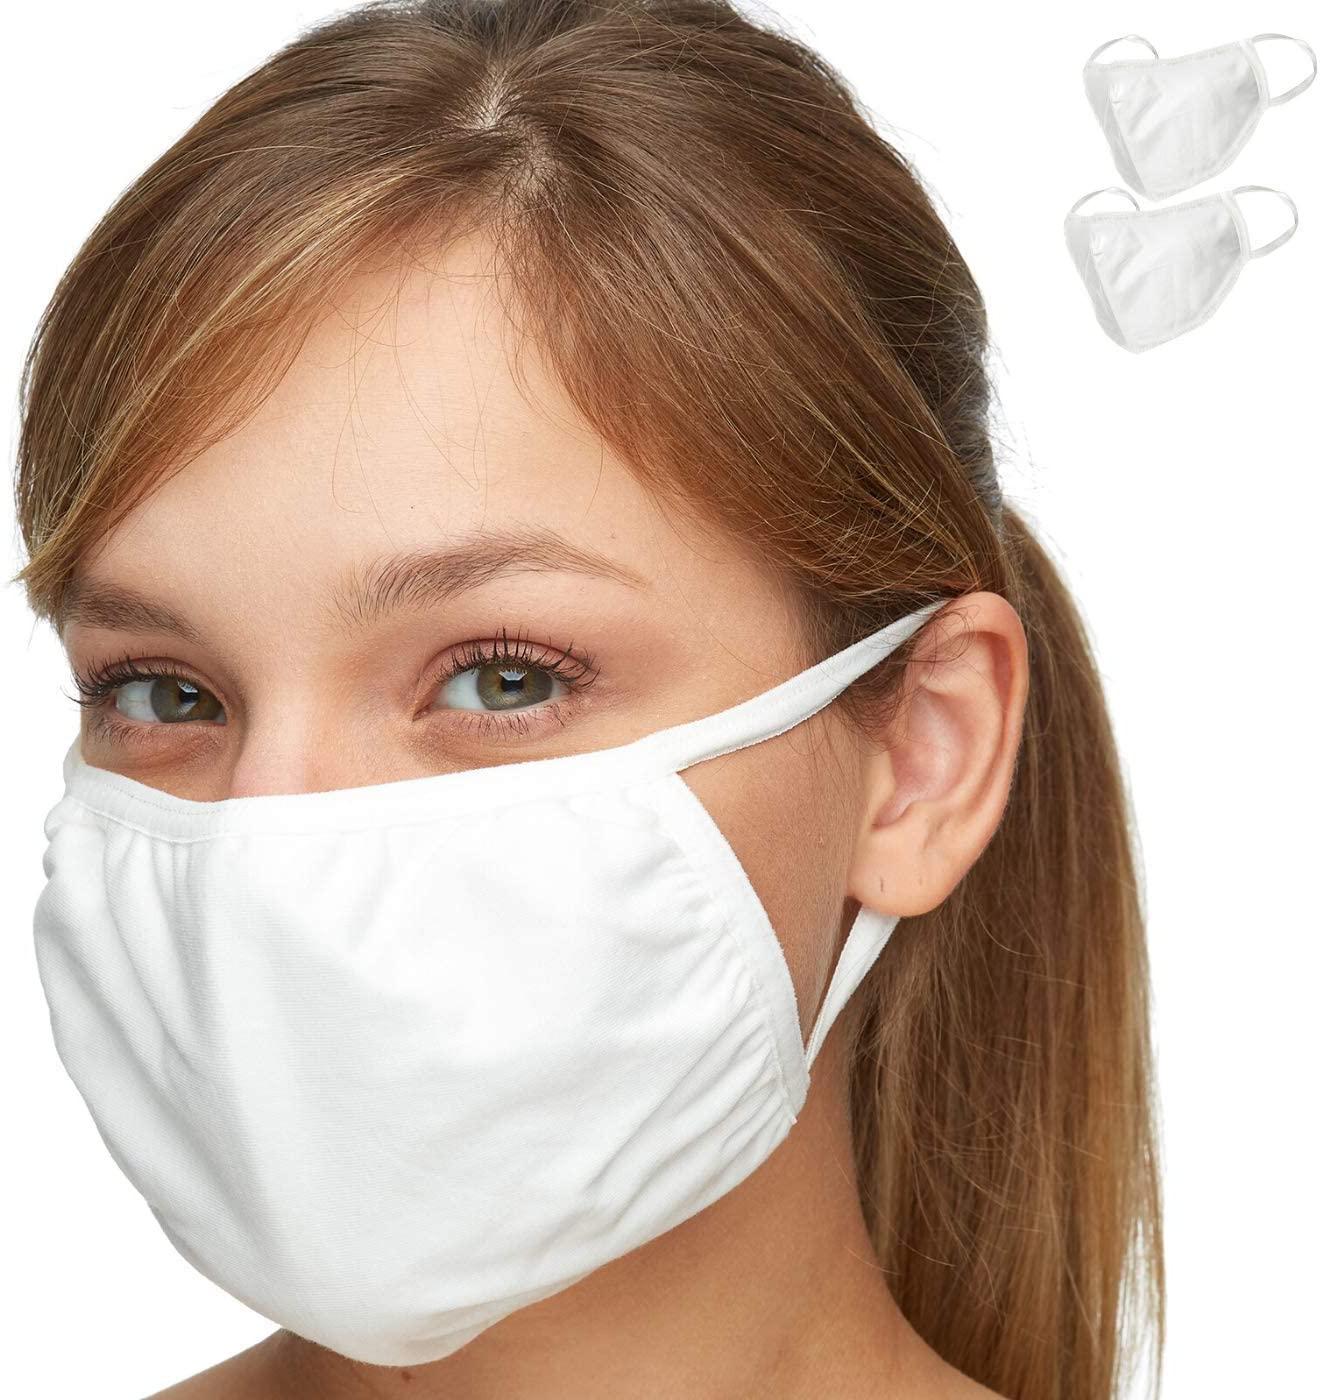 アマゾンで洗えるプレミアムエブリデイ マスクが半額で1枚75円。顔を汗や発疹まみれにする。